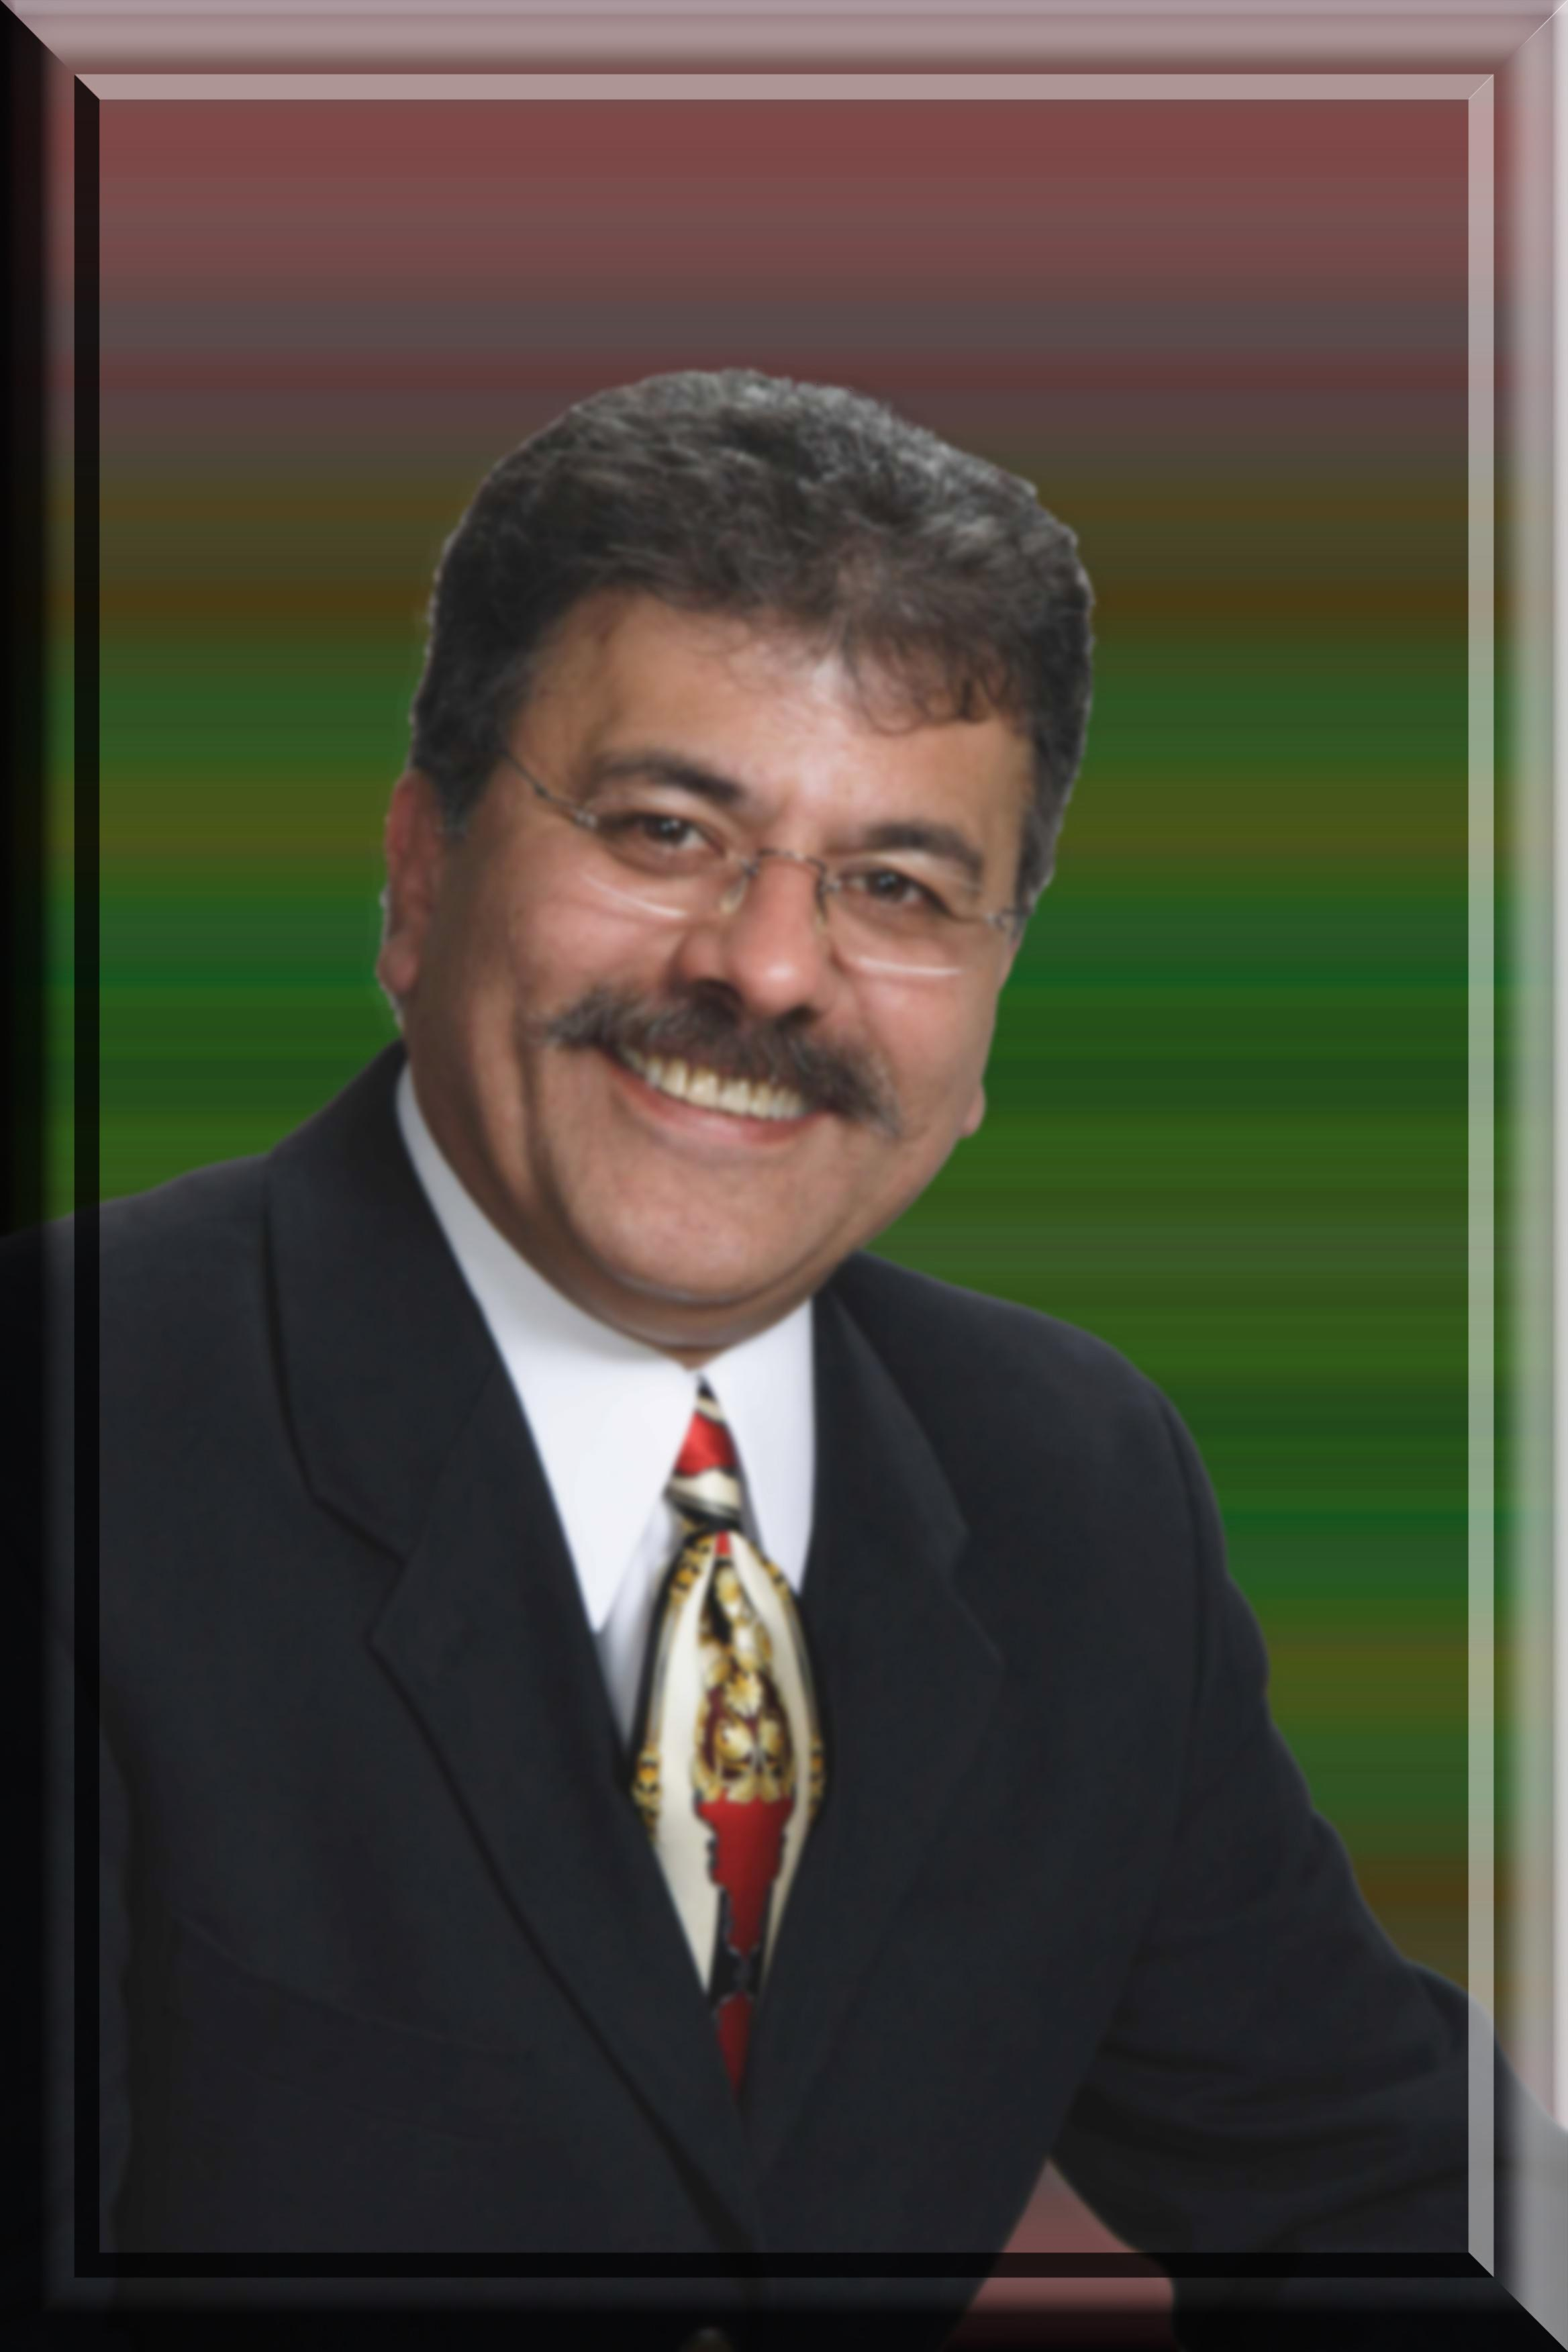 Ramtin Zadeh